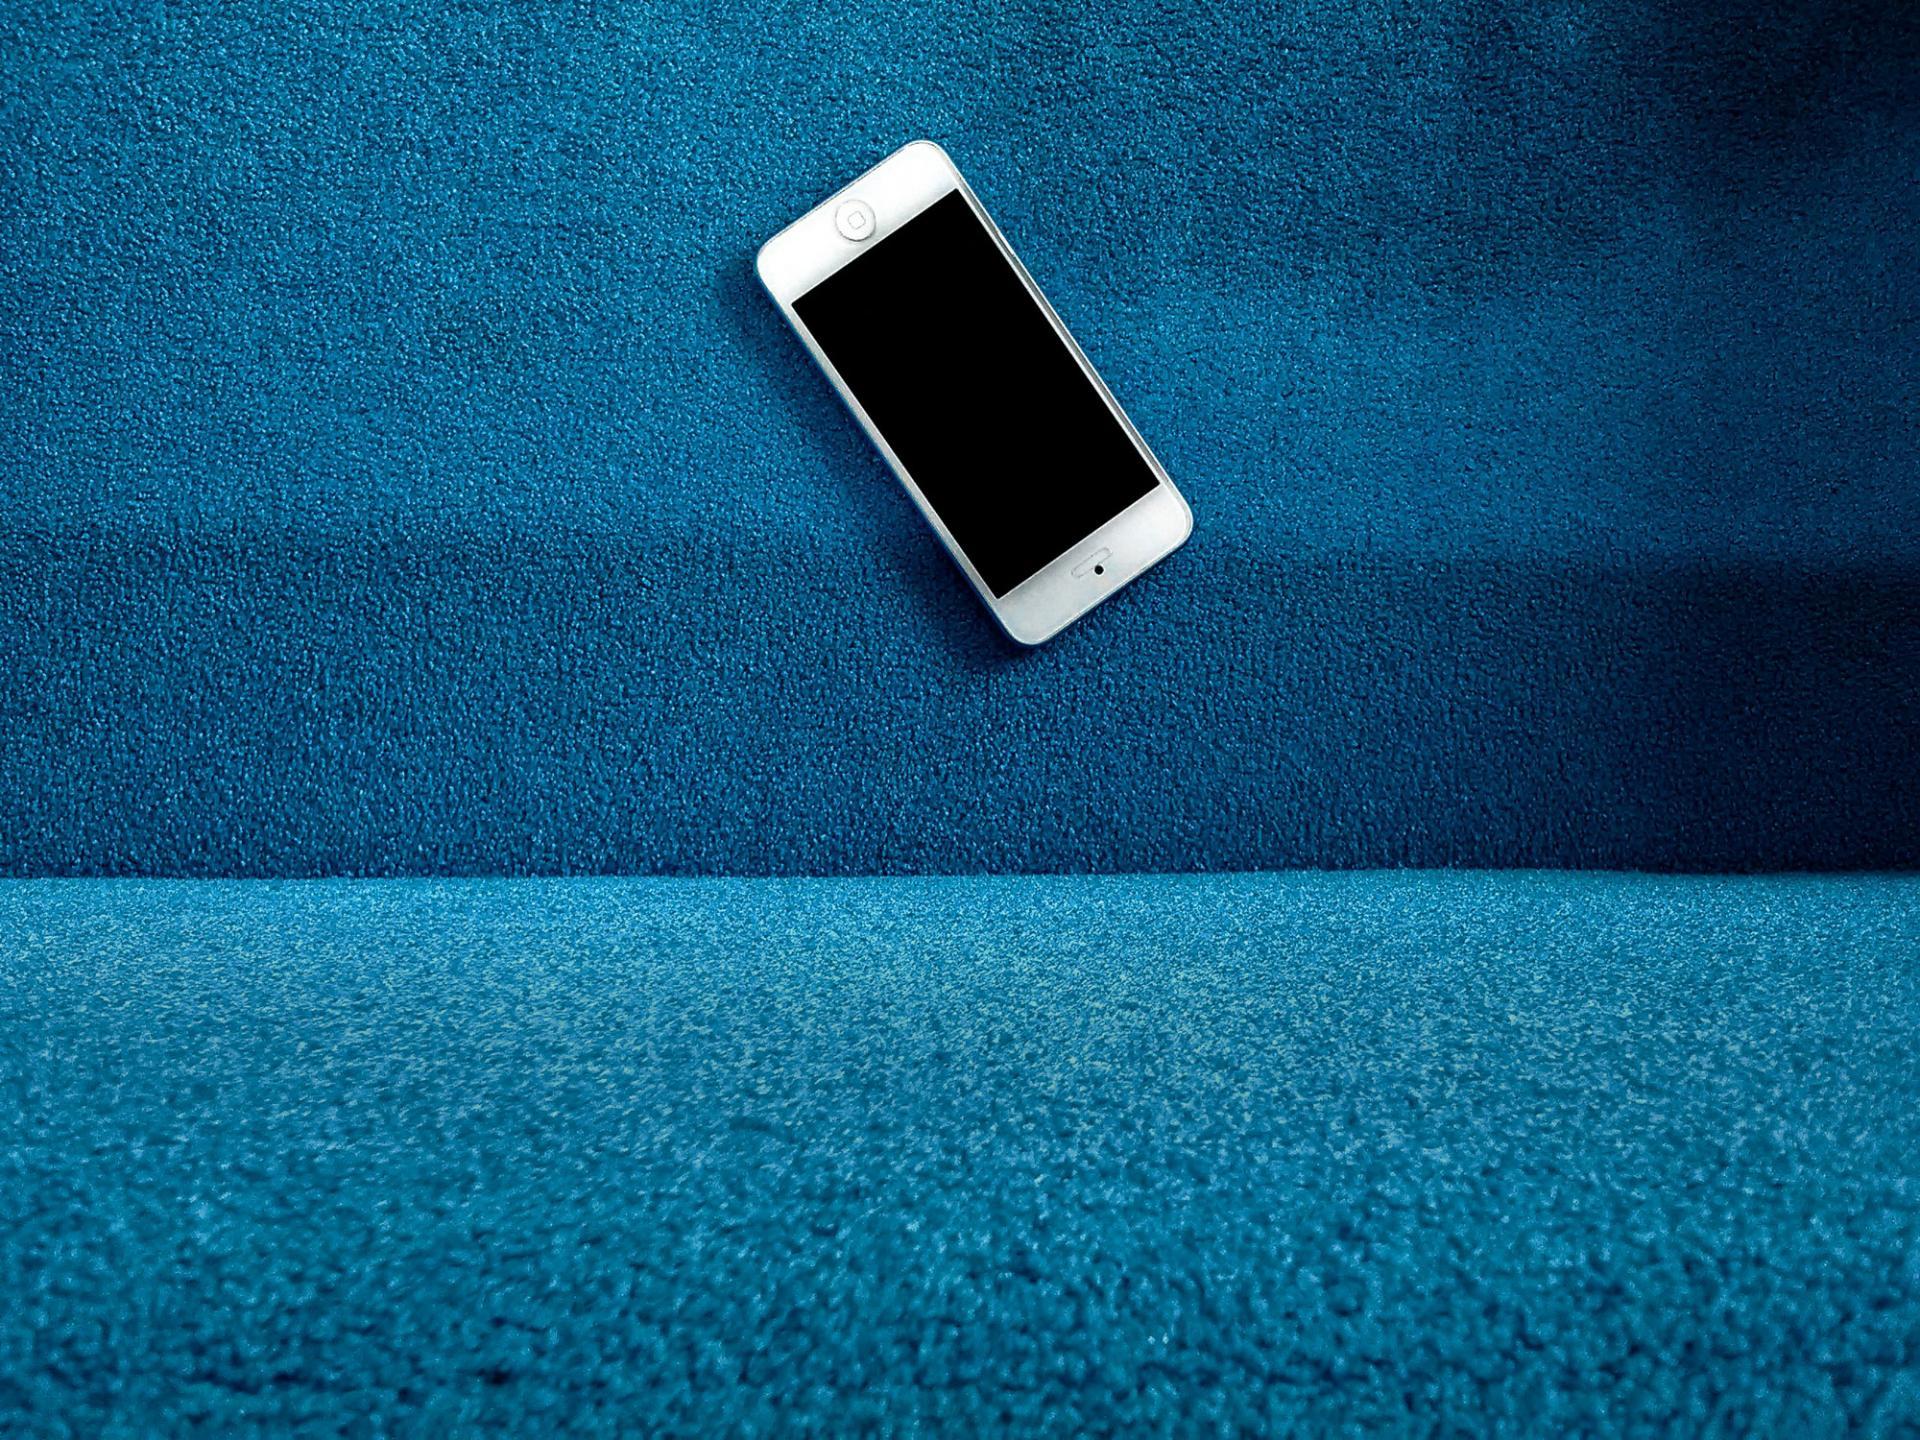 ТОП-10 смартфонов, которые чаще всего покупали в2019 году. Xiaomi непервая